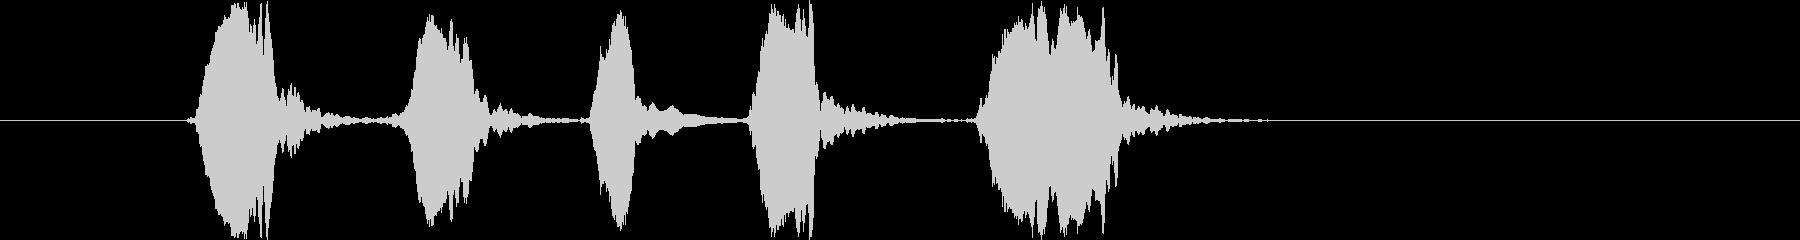 ピピピピピッ!(指示する笛)の未再生の波形